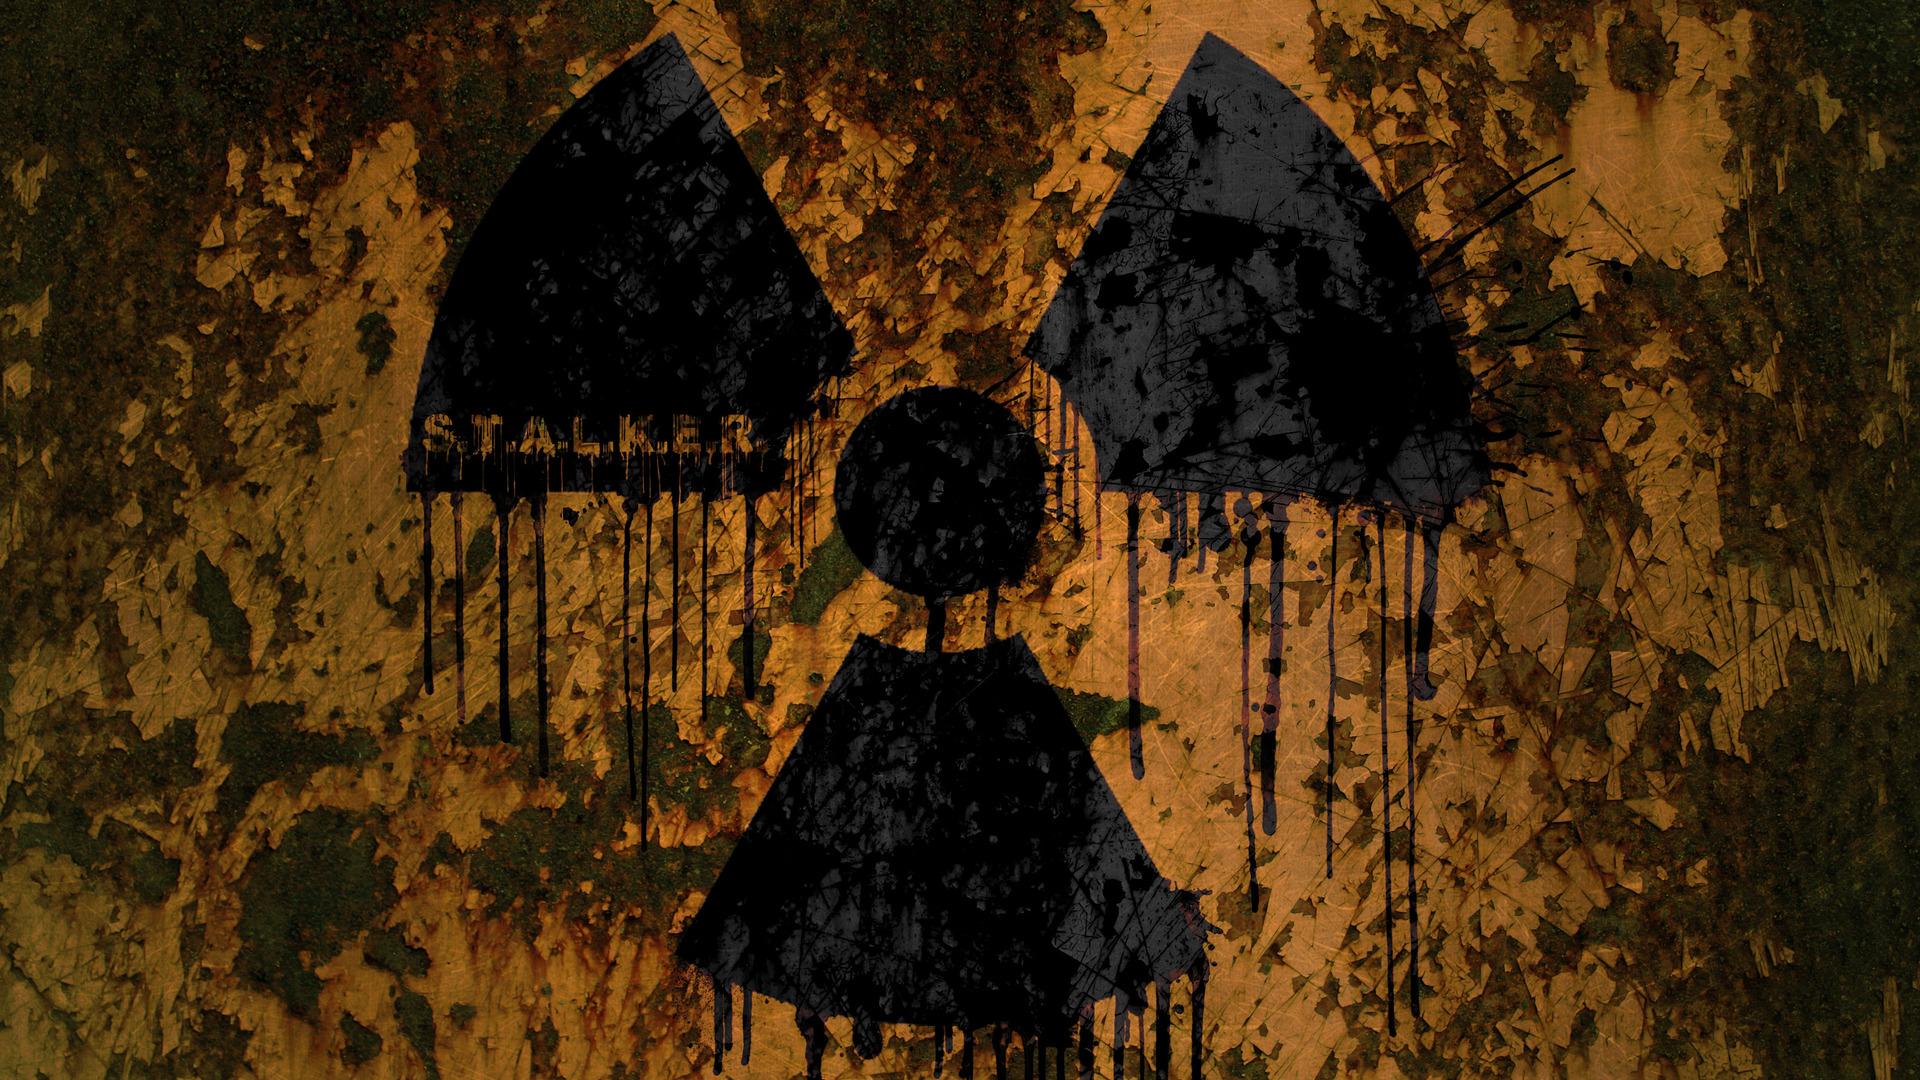 Stalker Wallpaper Wallpapersafari